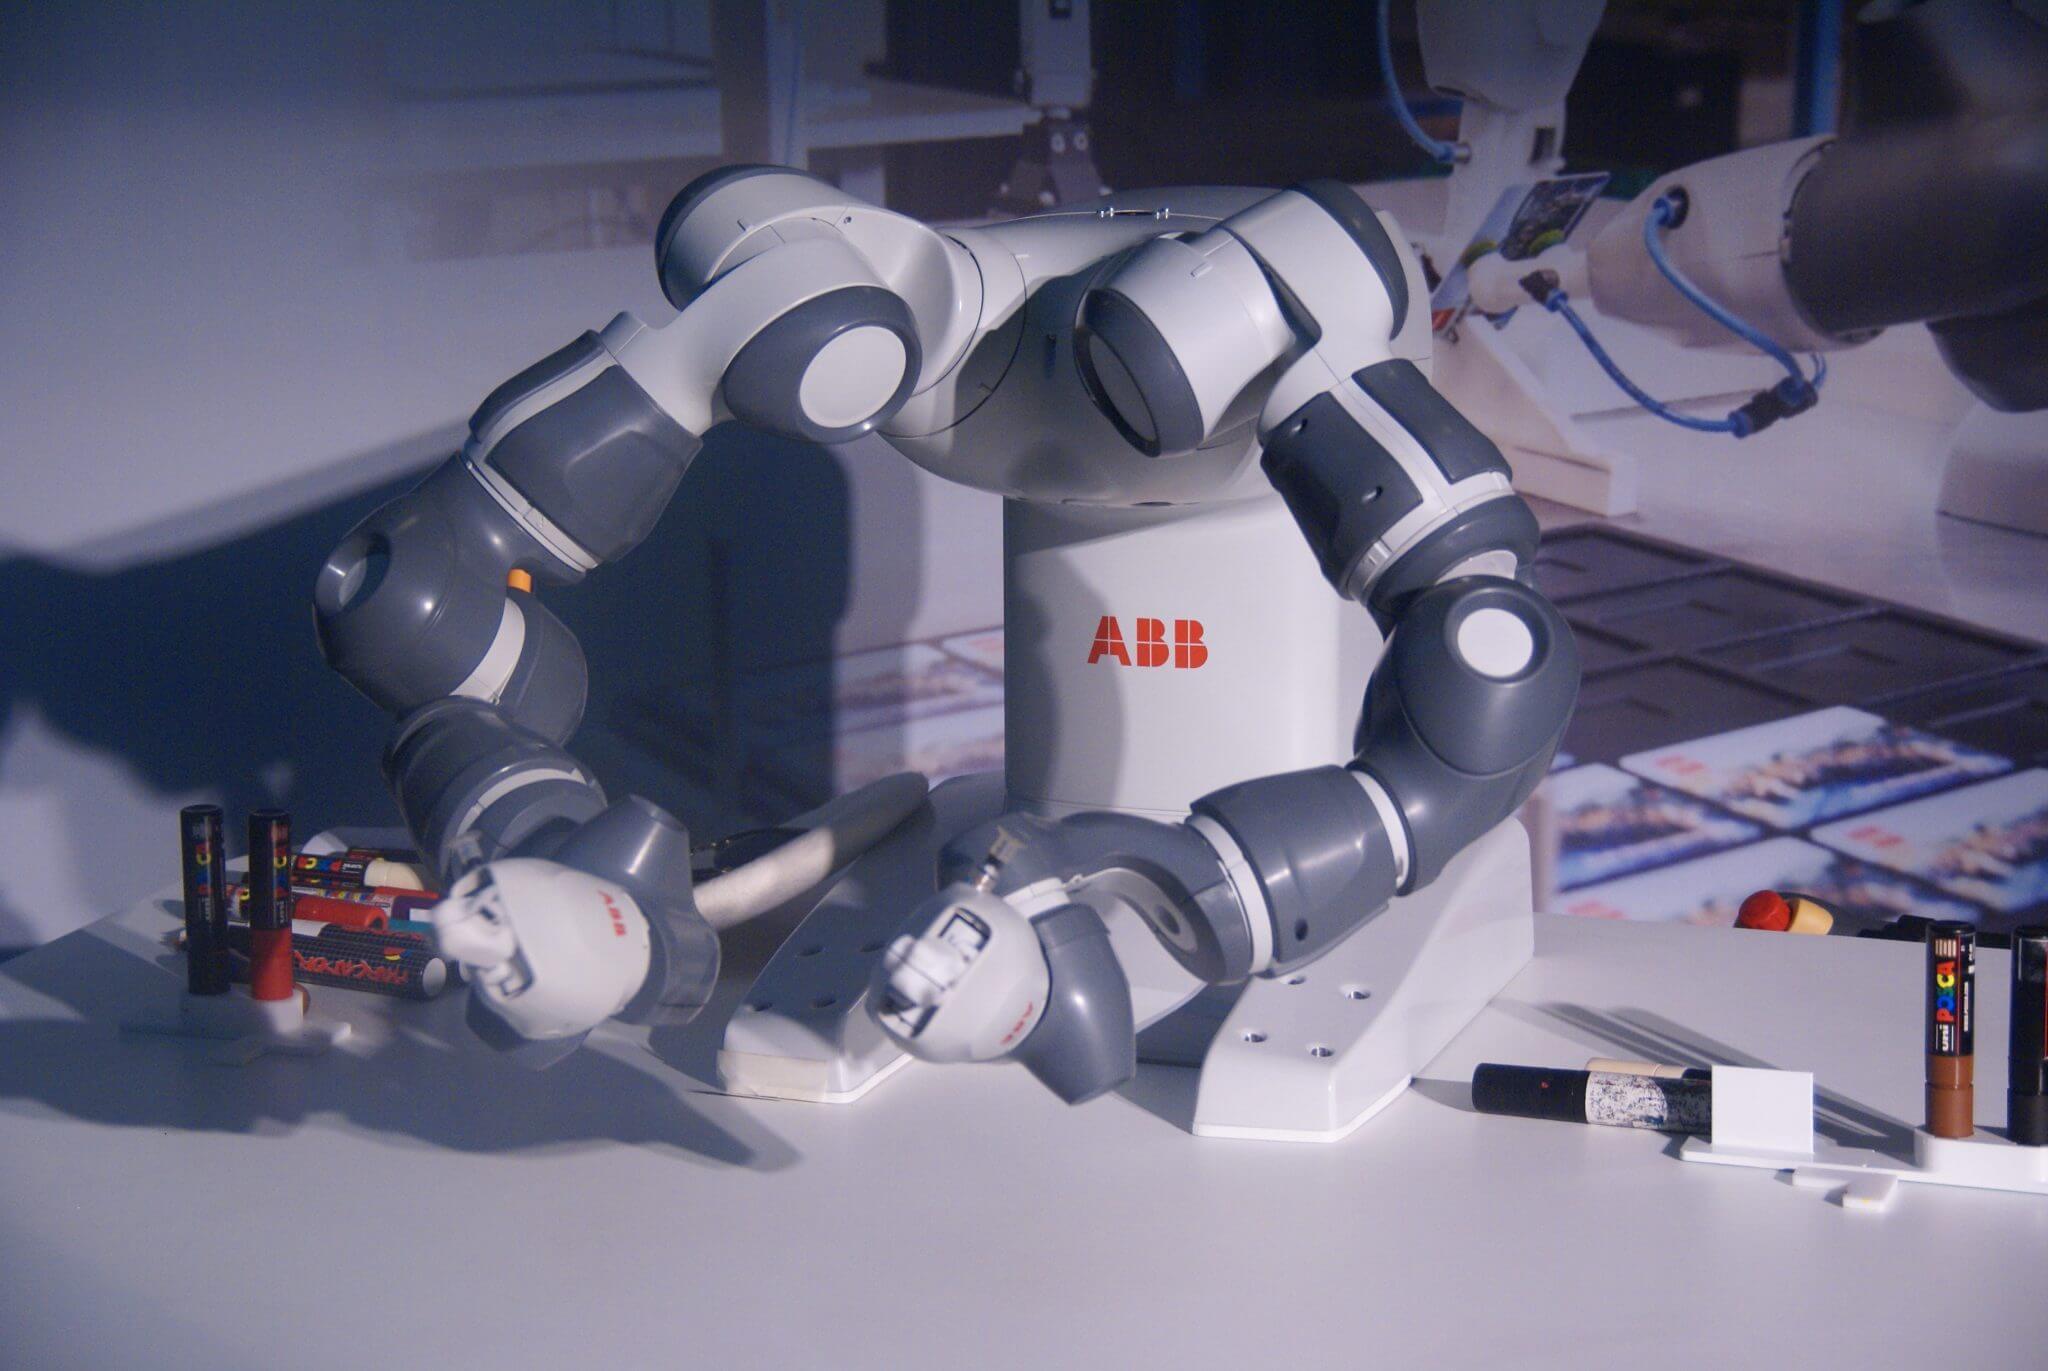 ABB comemora 105 anos de Brasil com a demonstração do robô Yumi